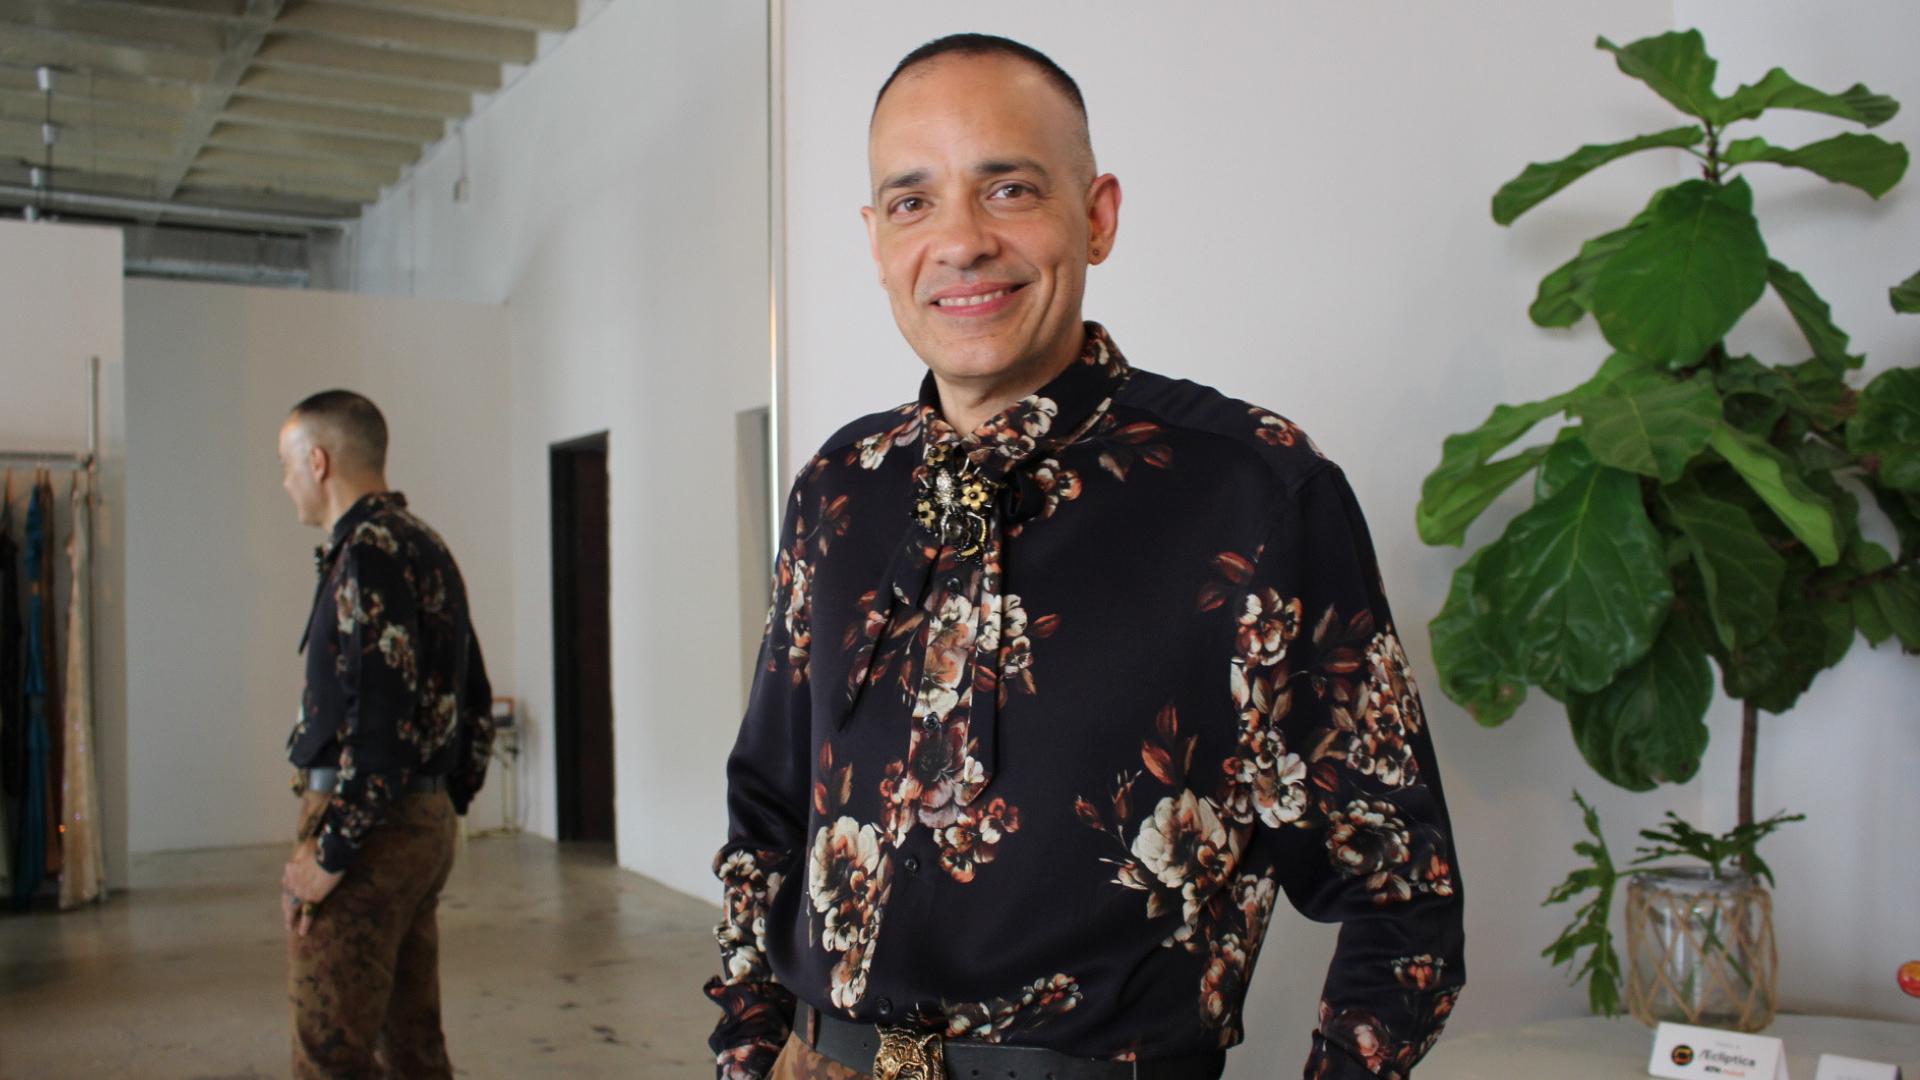 Camisa y pantalón: Diseñador José Raúl, zapatos y accesorios: Gucci.